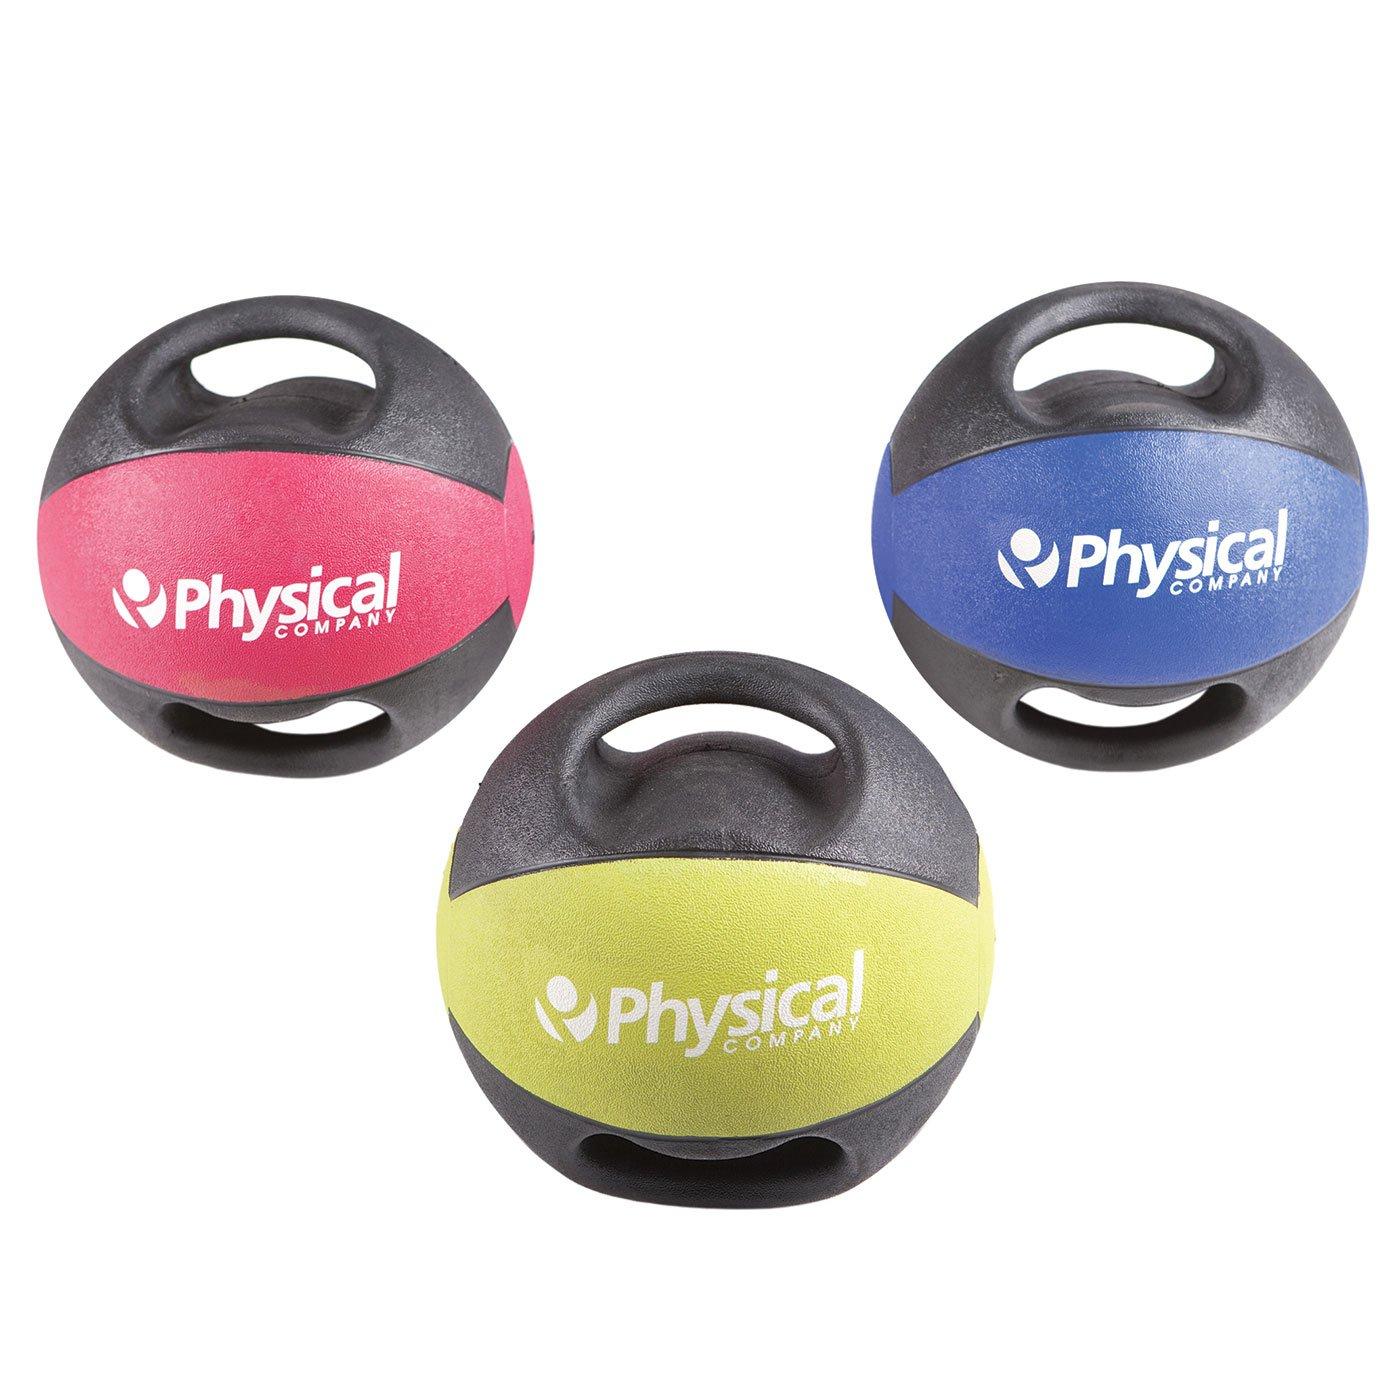 Physical Company doble asa Balón Medicinal 4 kg a 10 kg con código ...